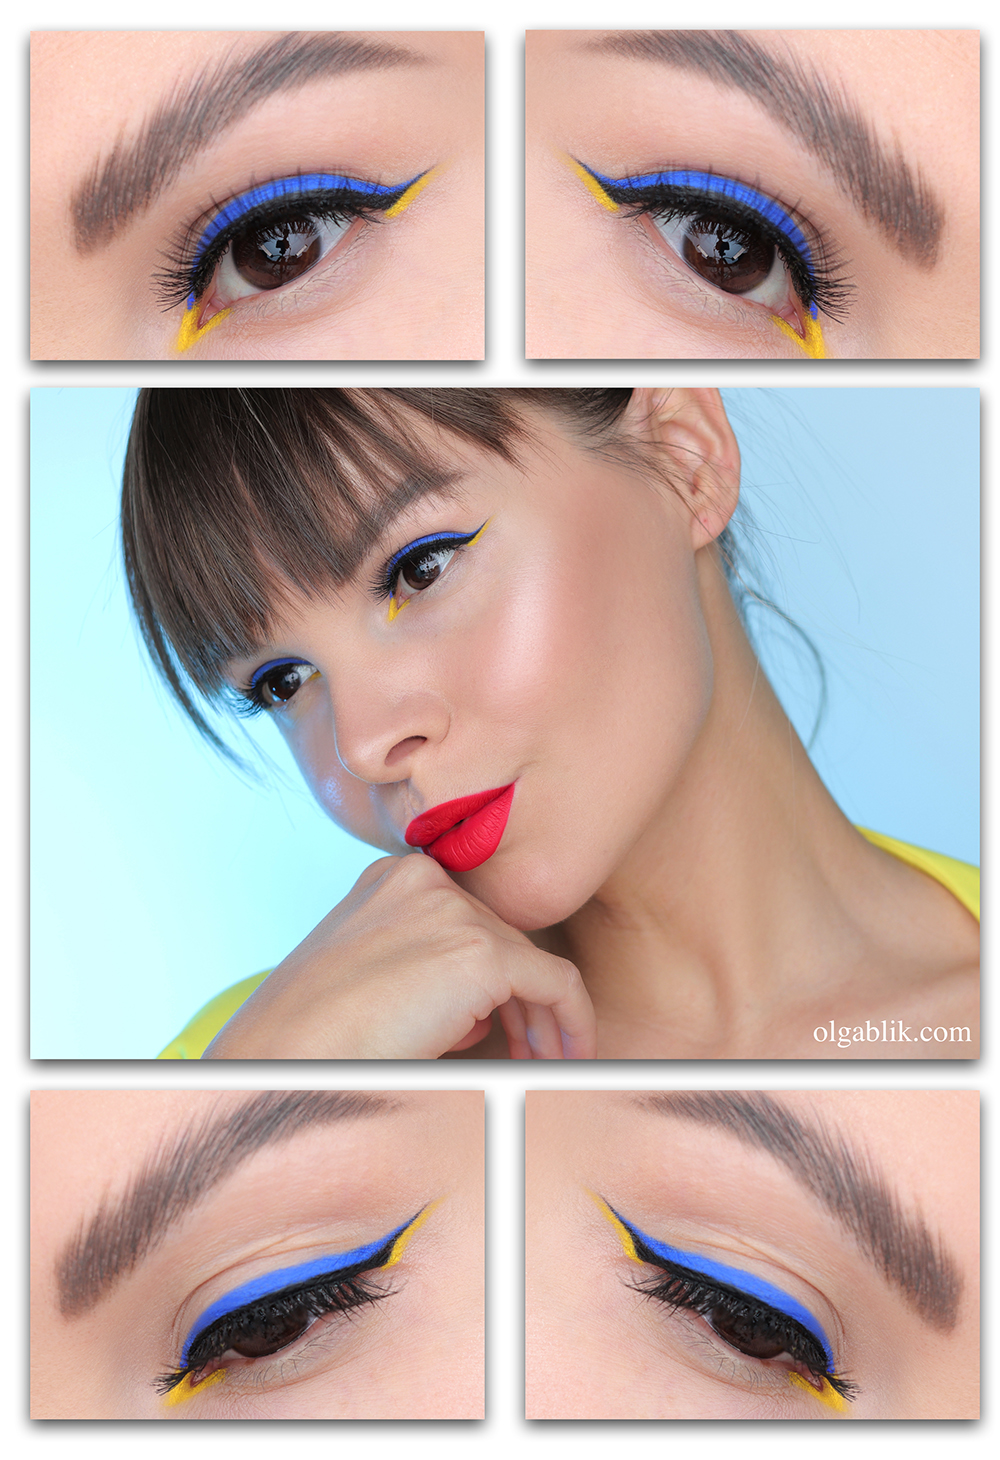 Цветные стрелки на глазах, как рисовать цветные стрелки, чем нарисовать цветные стрелки